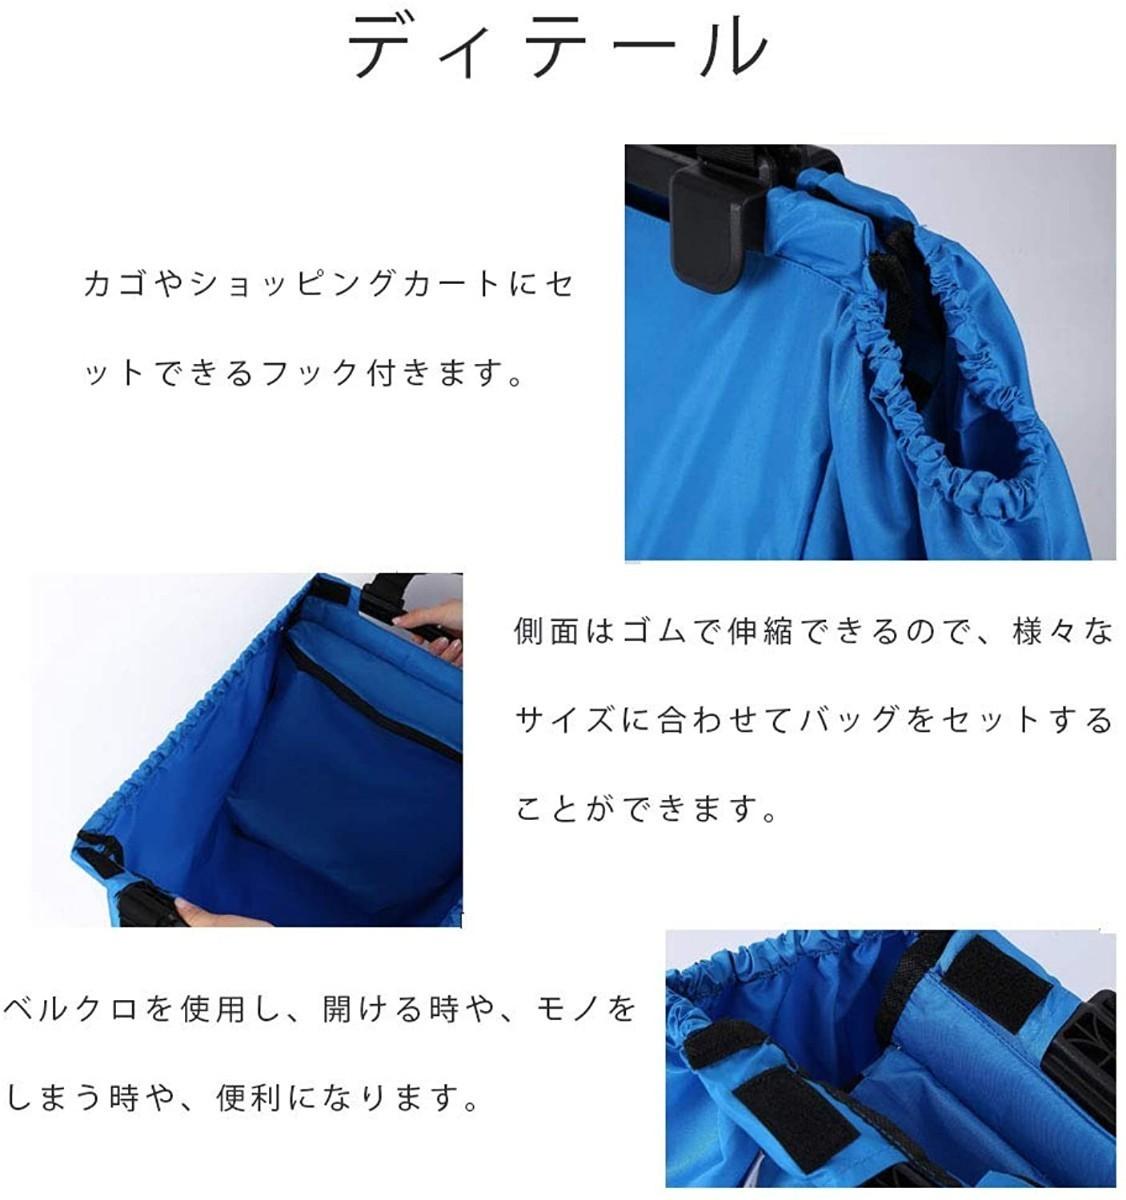 トートバッグ エコバック エコバッグ 大容量 保冷多機能